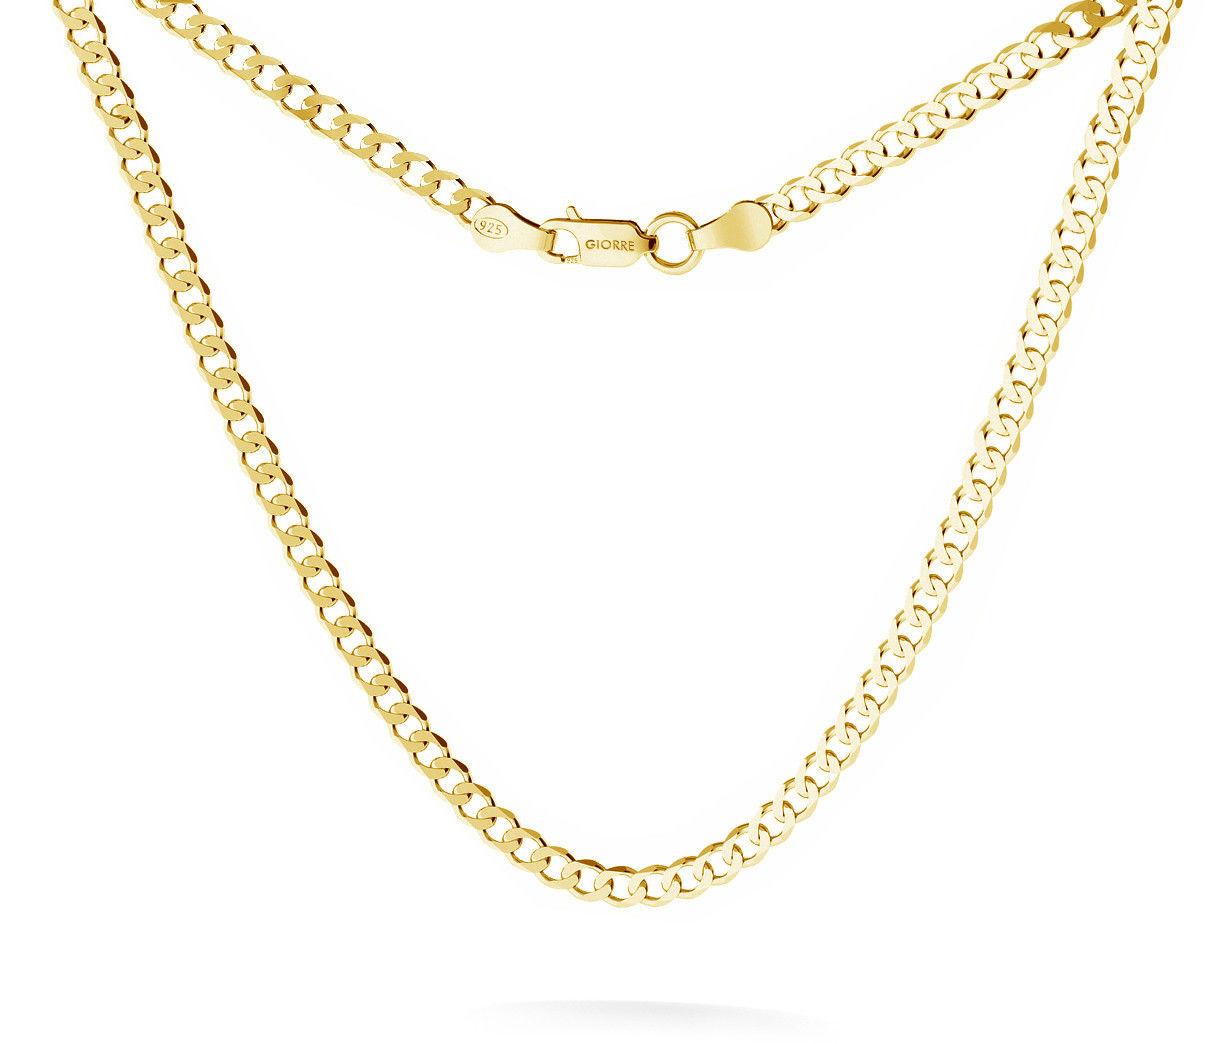 Męski łańcuszek pancerka srebro 925 : Długość (cm) - 50, Srebro - kolor pokrycia - Pokrycie żółtym 18K złotem